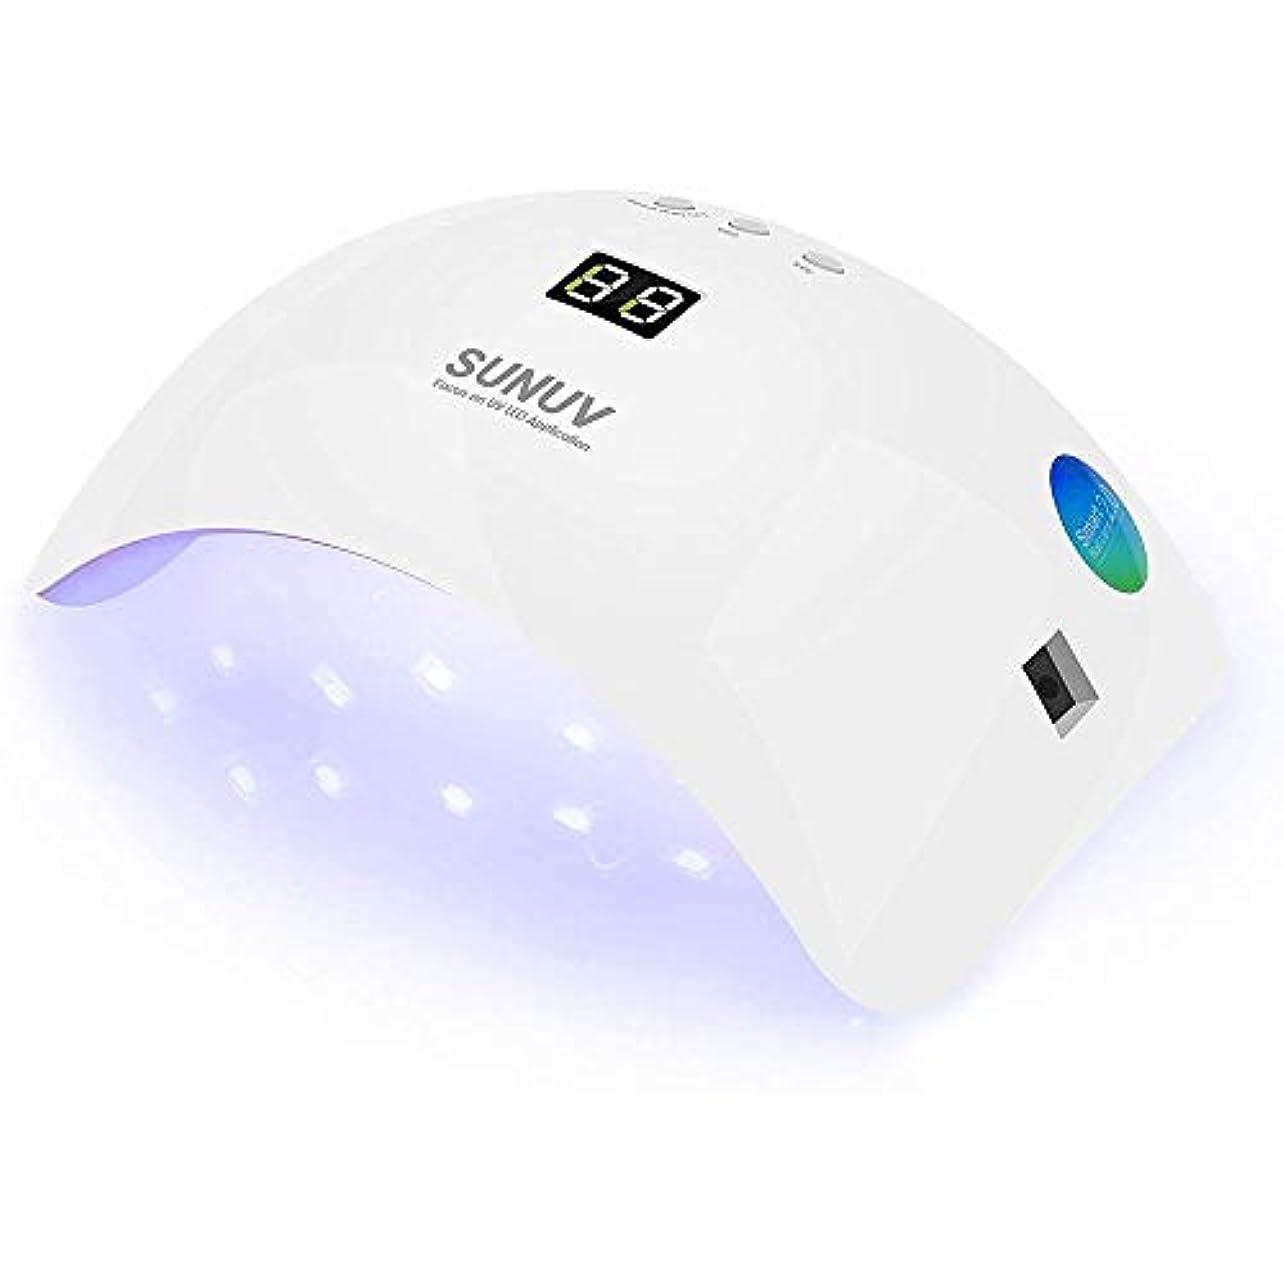 選択する扇動勢い【最新型】【国内6ヶ月保証】Smart Nail Lamp 2.0 48W【ジェルネイルレジン用ライト】